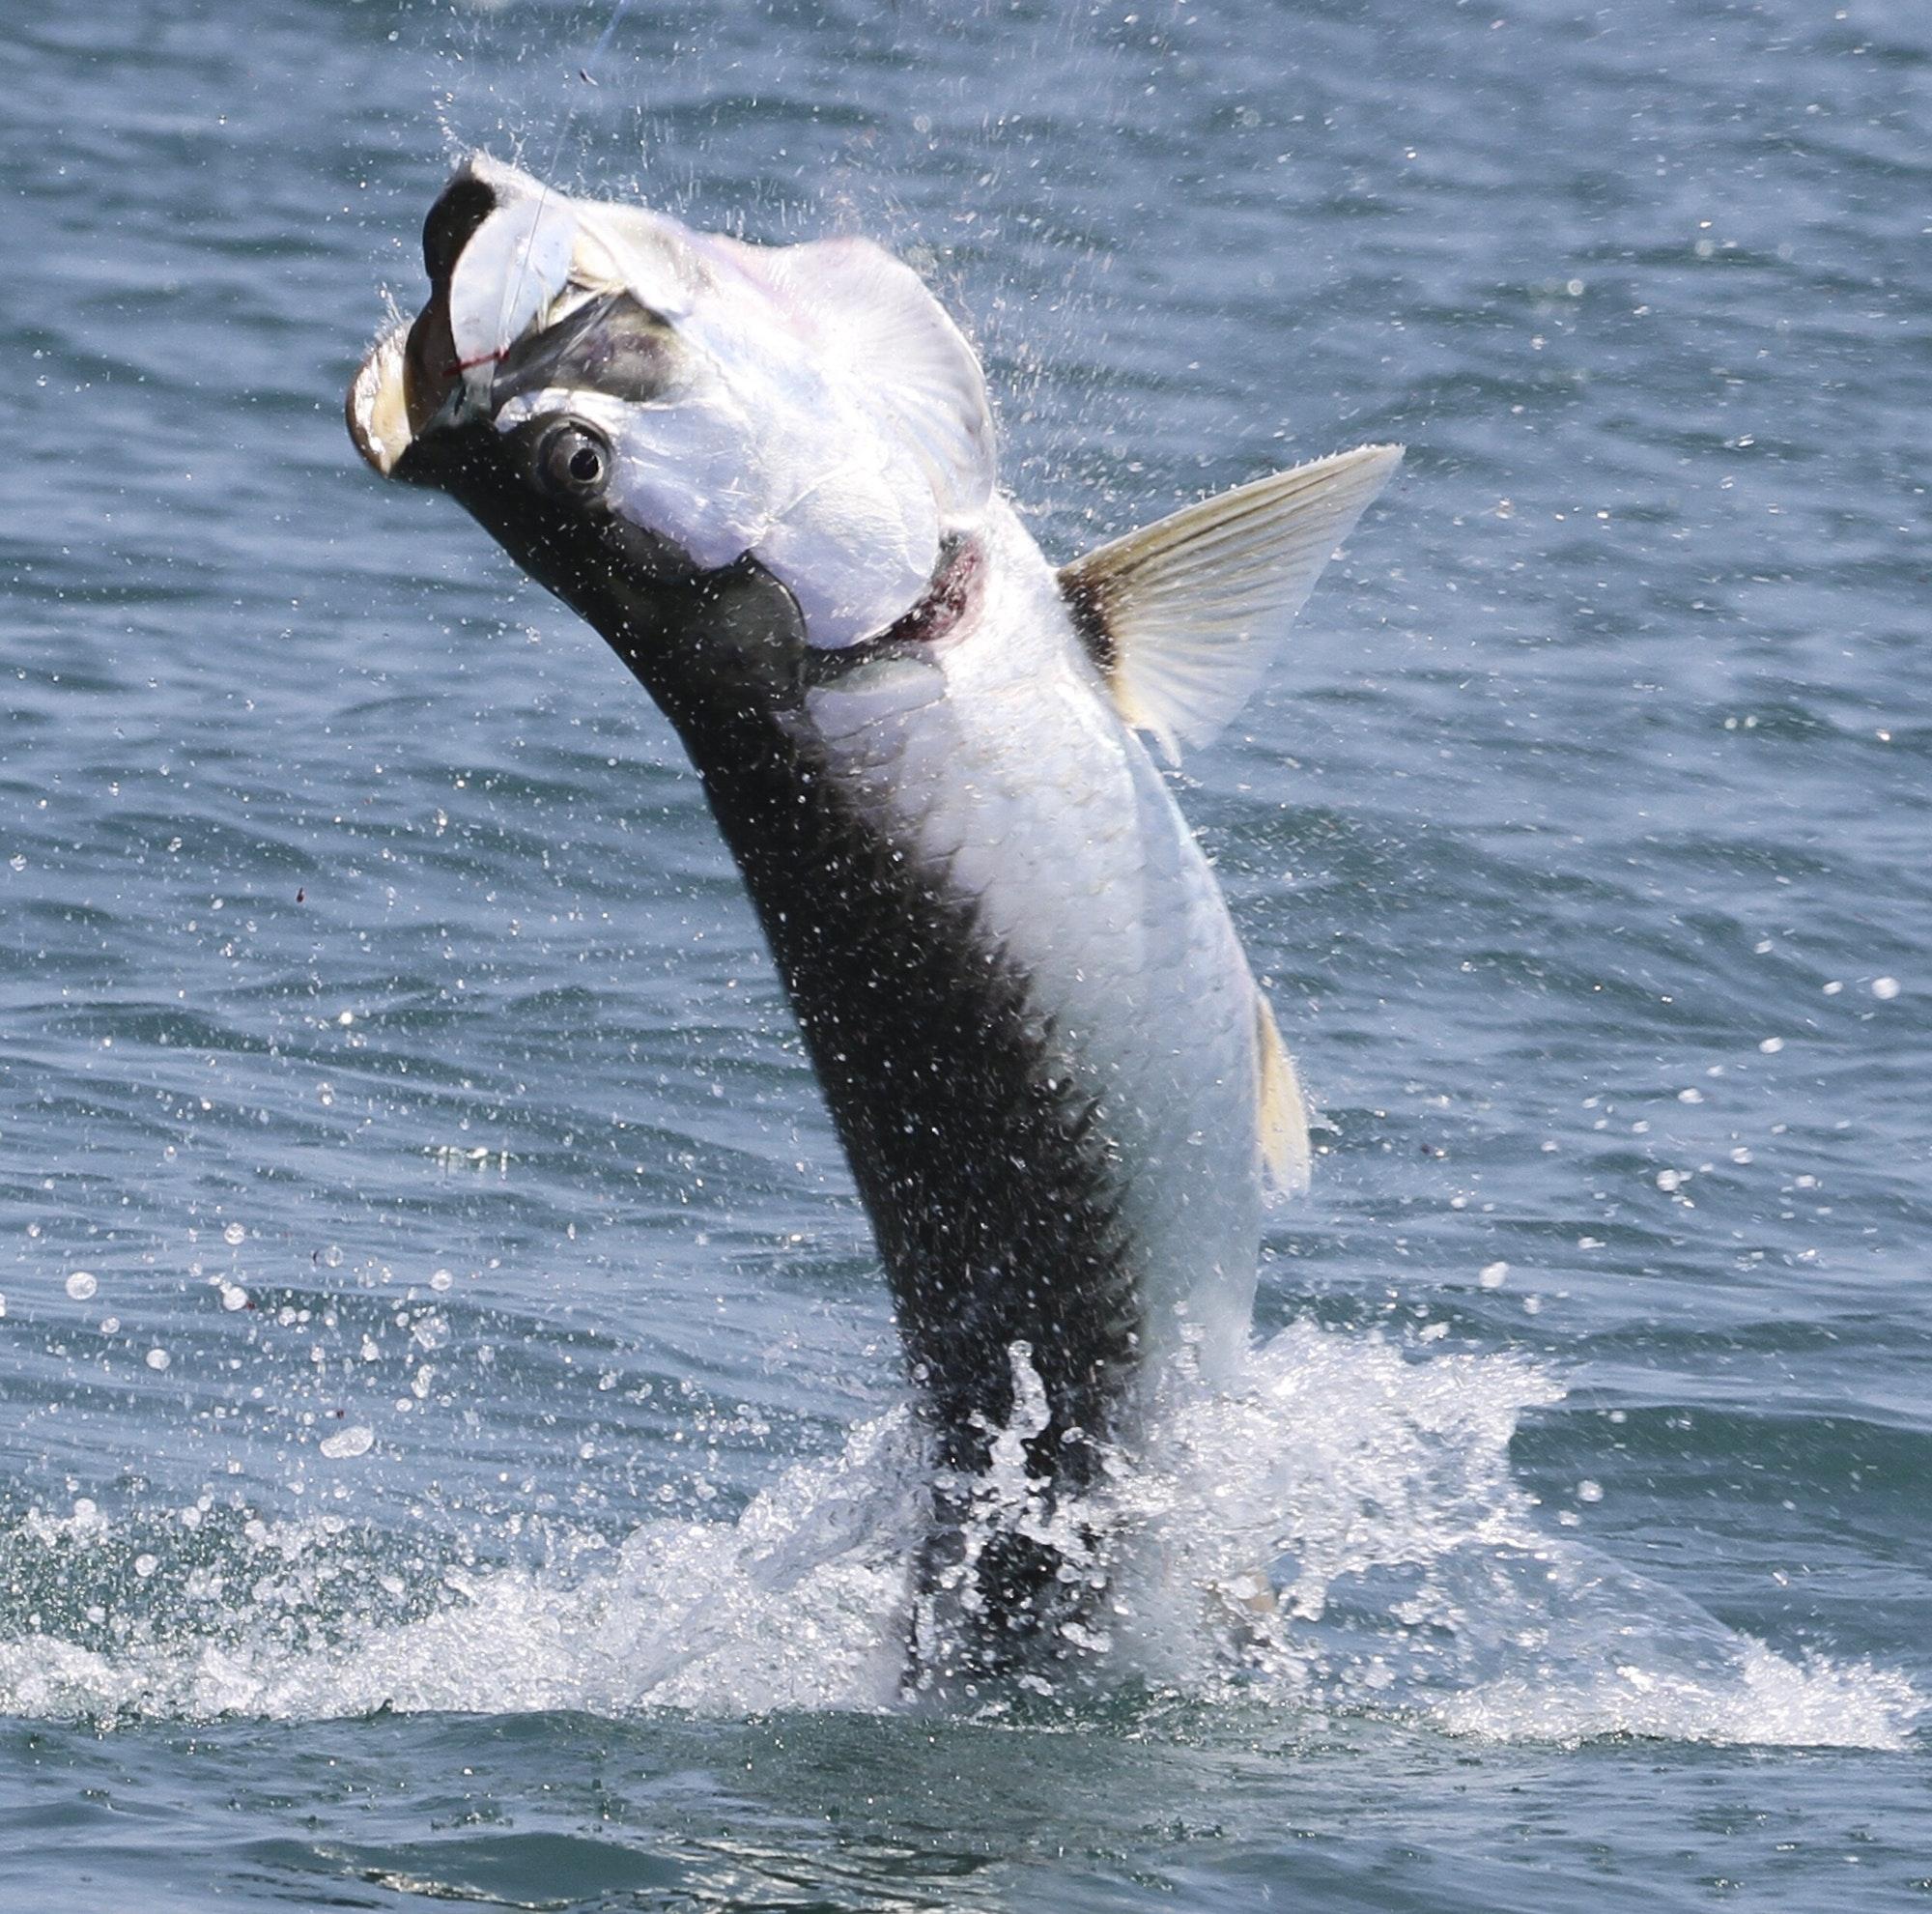 Tarpon fishing, fish jumping